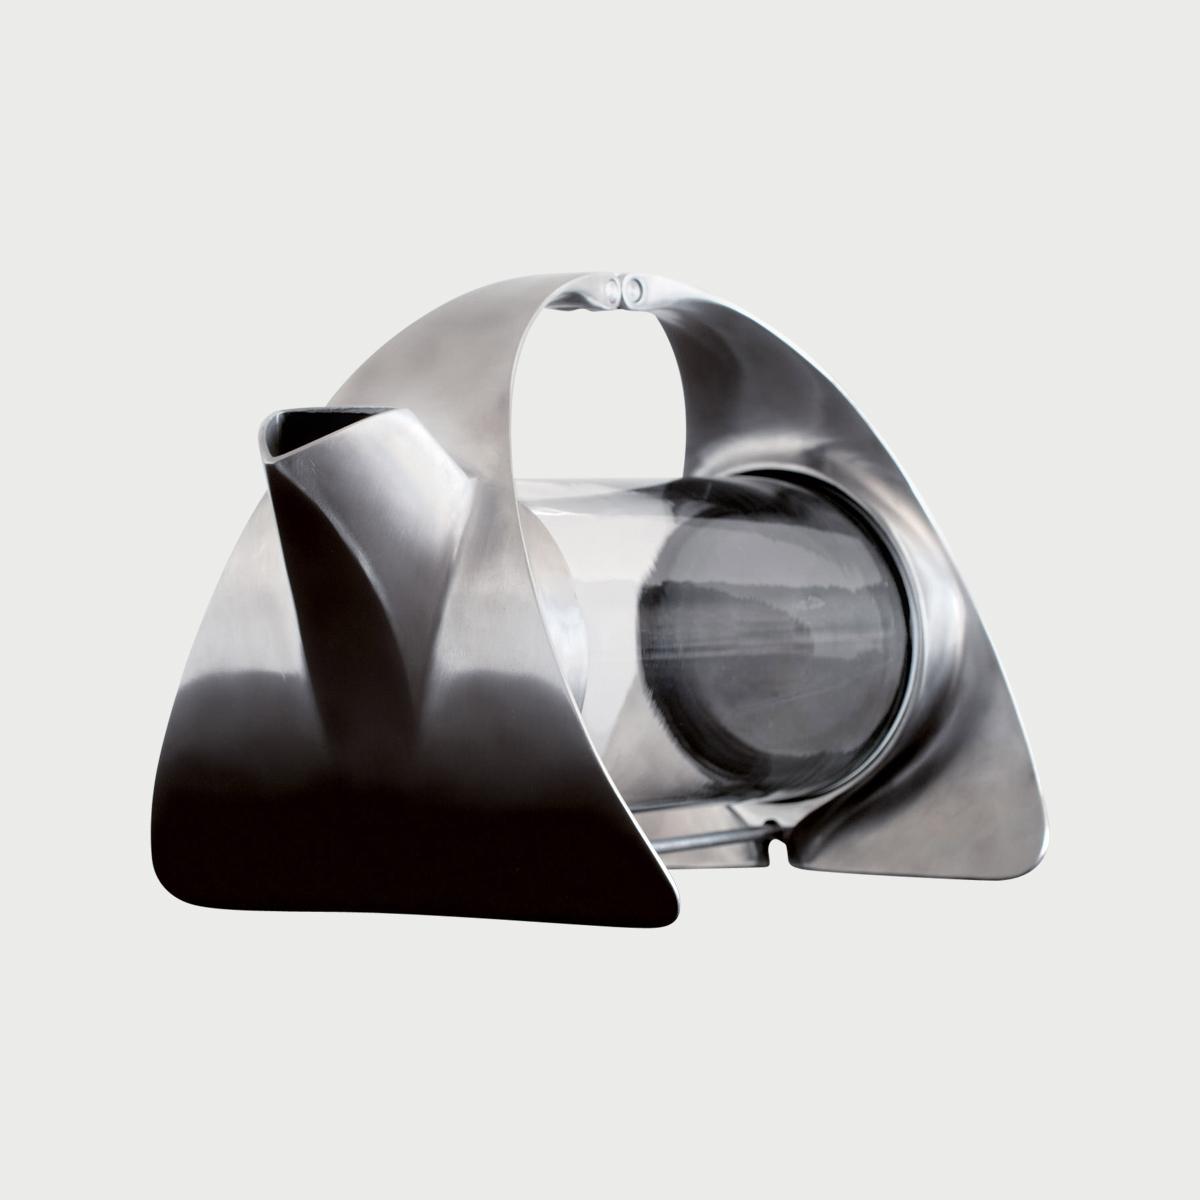 Sorapot modern teapot top 2280